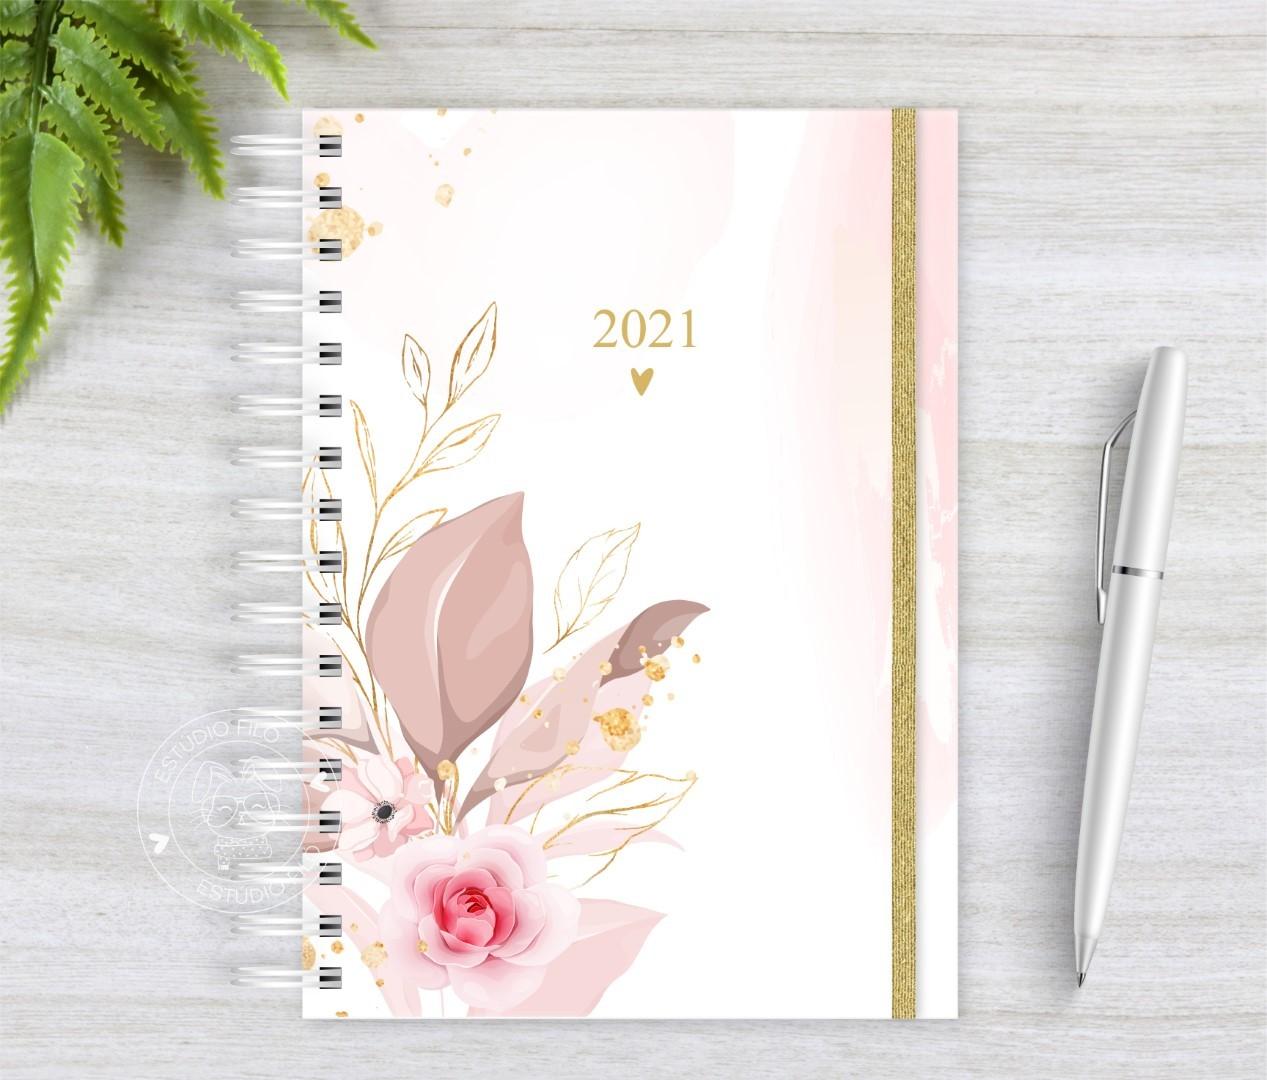 Planner Floral 2021